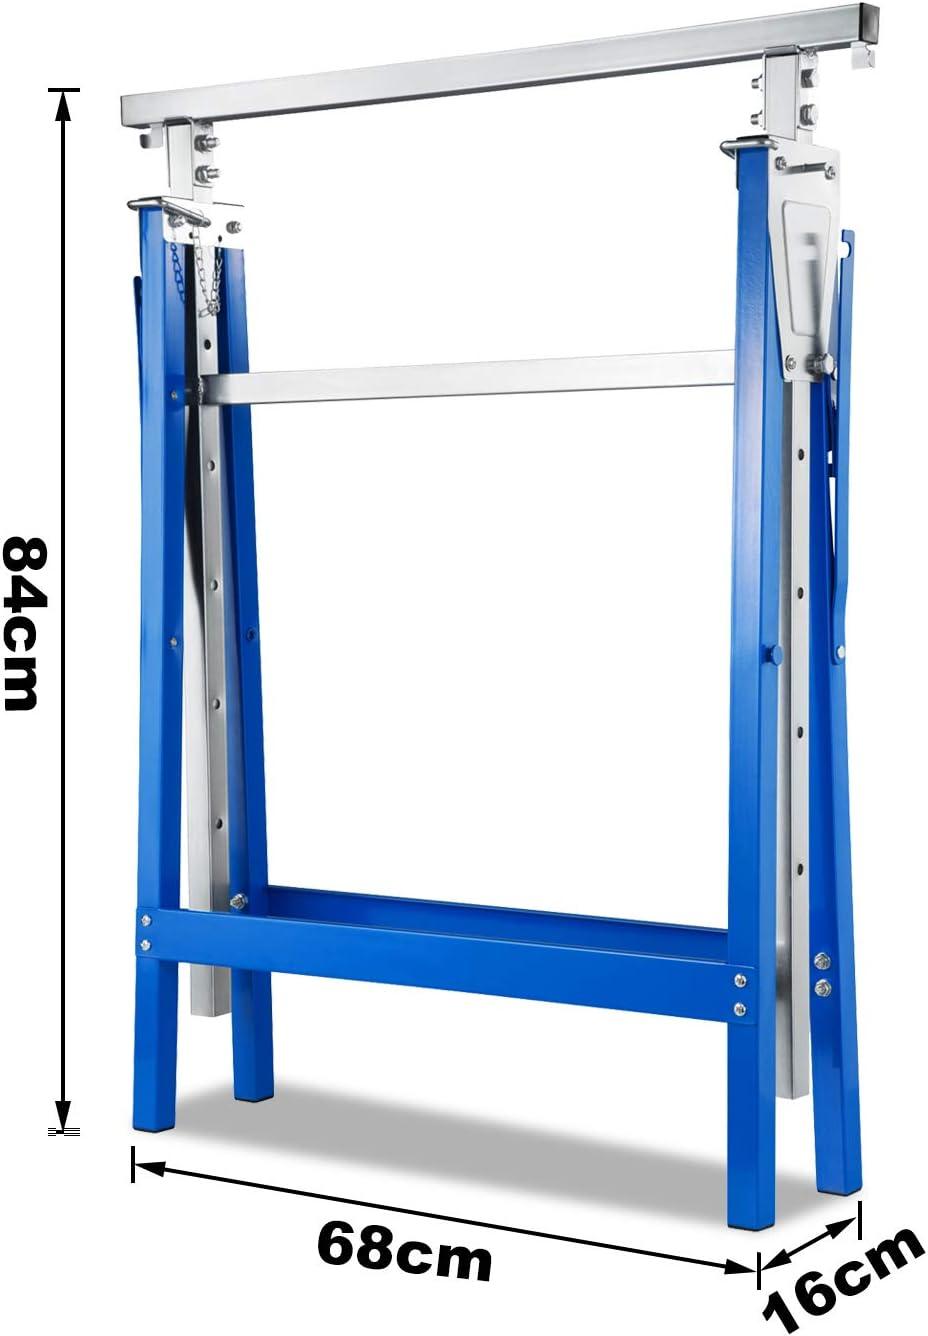 hengsheng 4X Ger/üstbock St/ützbock Klappbock B/öcke Ger/üstb/öcke Werkzeugbank H/öhenverstellbar mit Abrutschsicherung